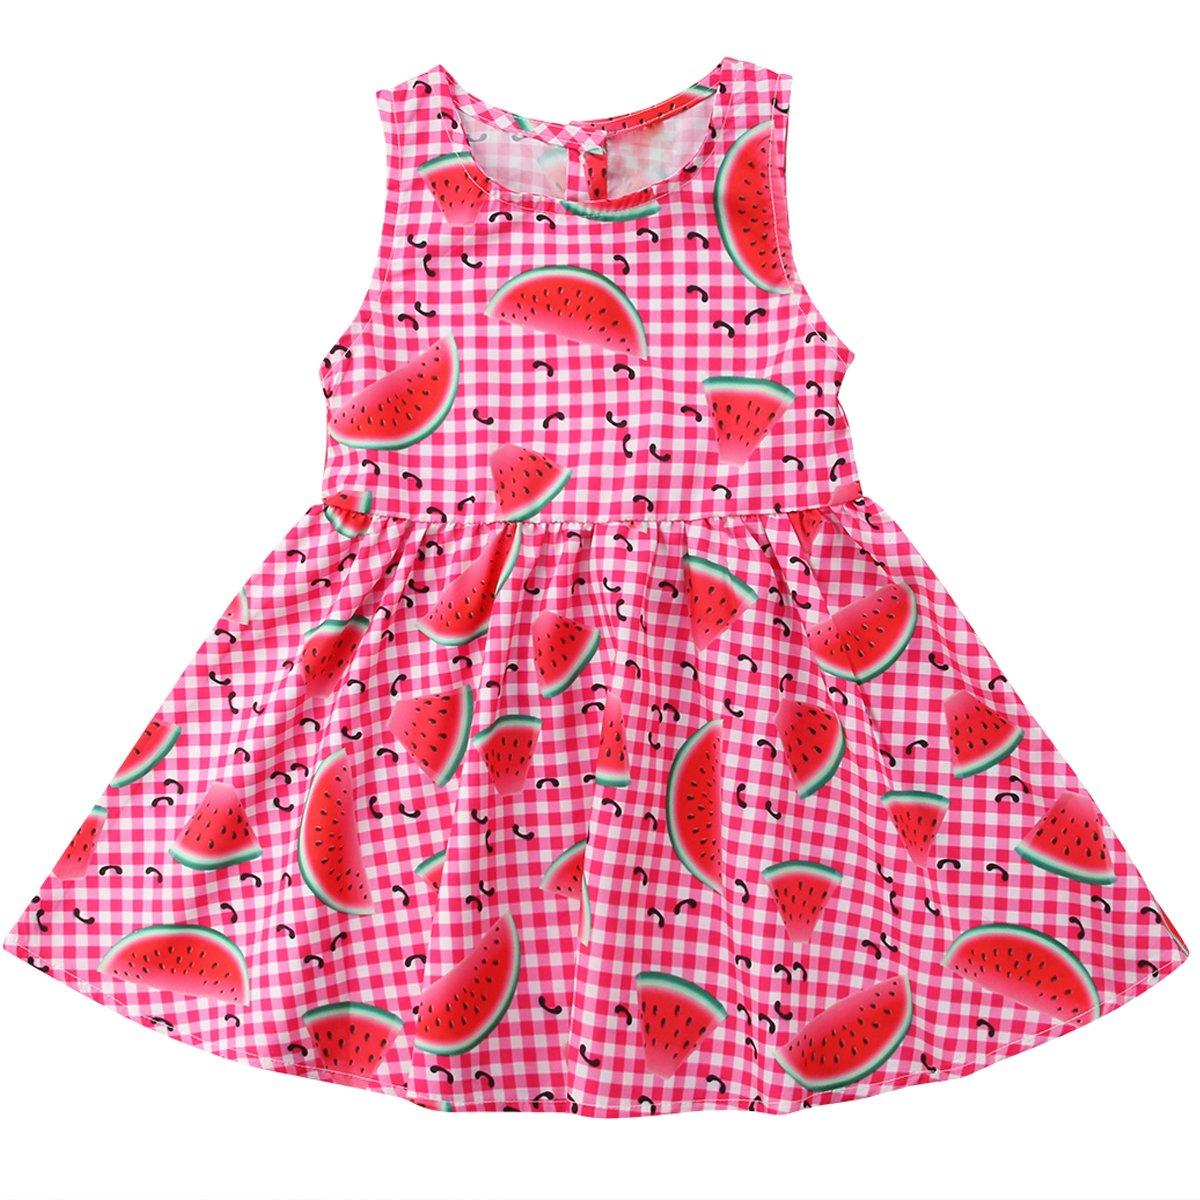 Baby Girls Dress Watermelon Sleeveless Sundress Infant Princess Summer Dress